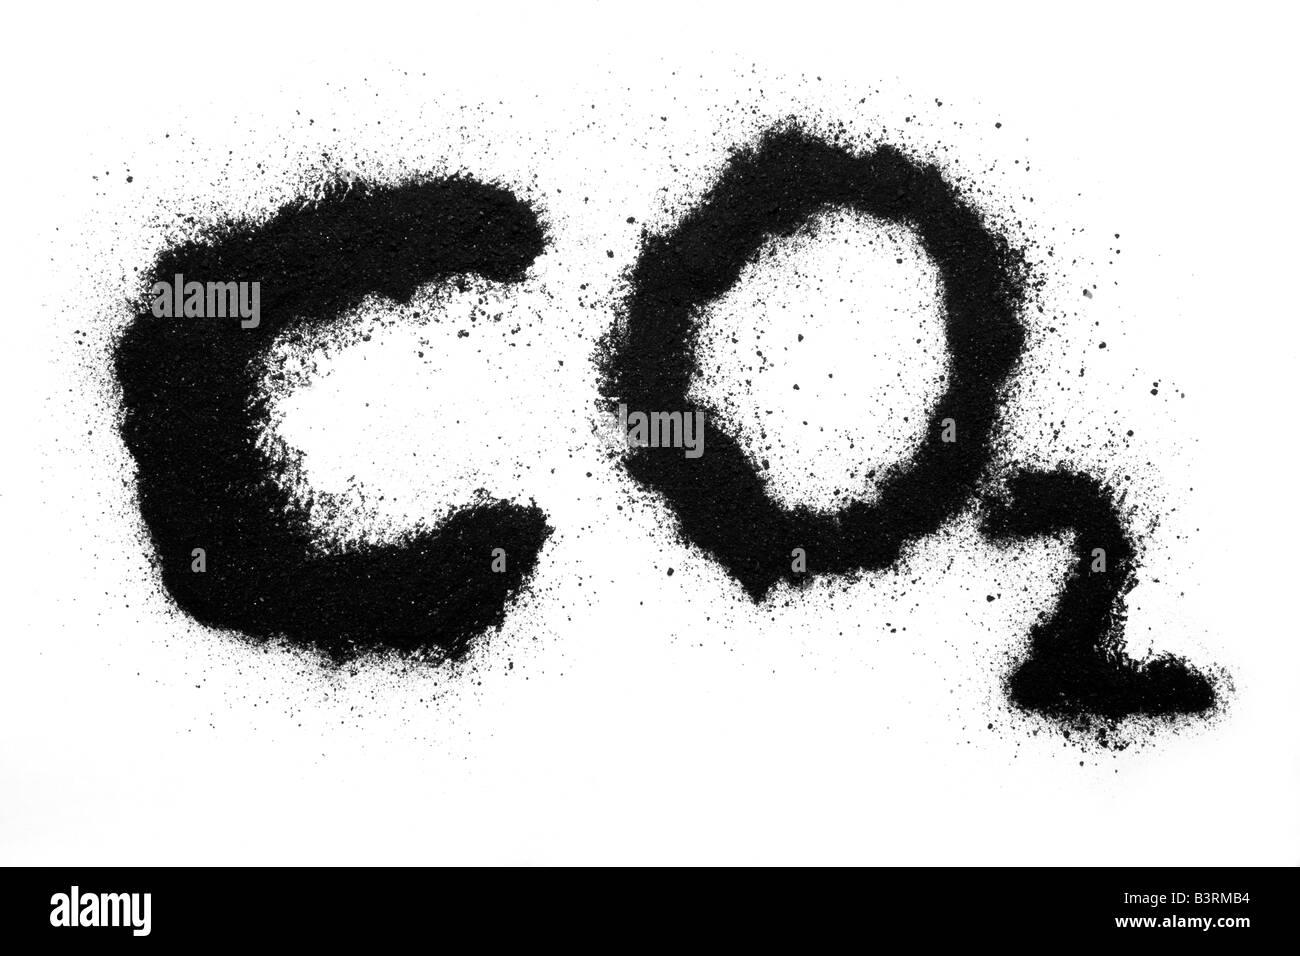 Cartas de dióxido de carbono CO2 en negro sobre papel blanco, polvo de carbón Imagen De Stock